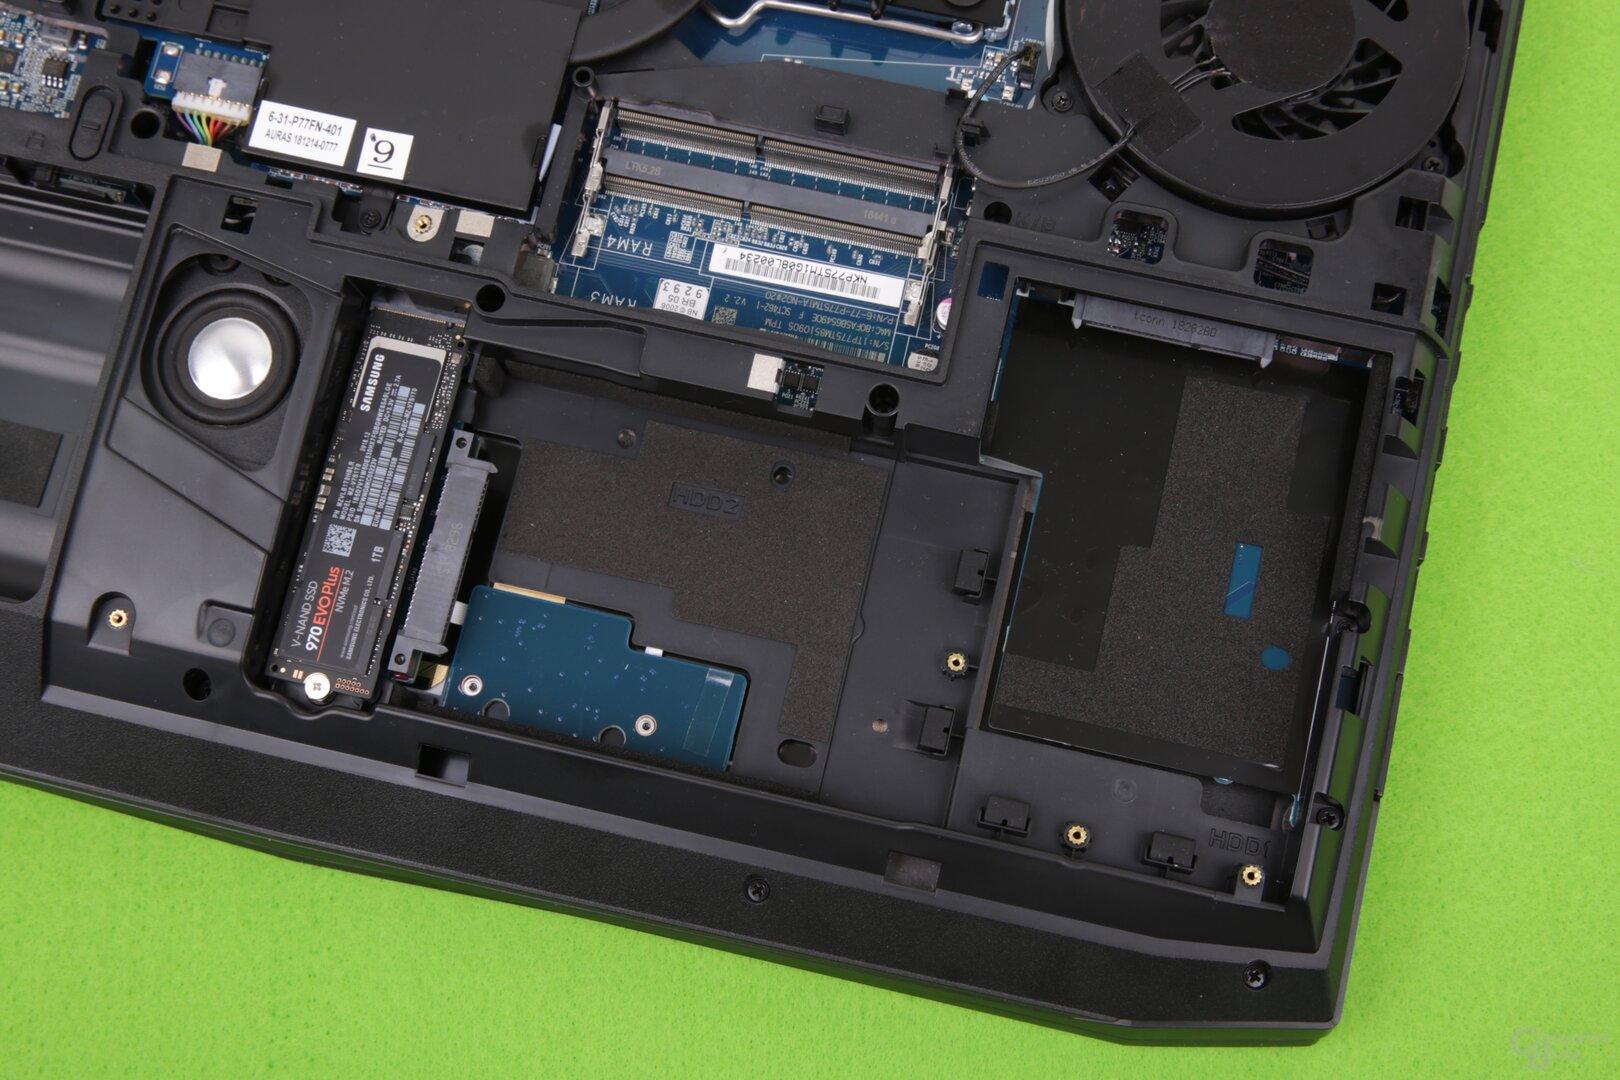 Laufwerken bieten zwei M.2- und zwei SATA-Anschlüsse (2,5 Zoll) Platz